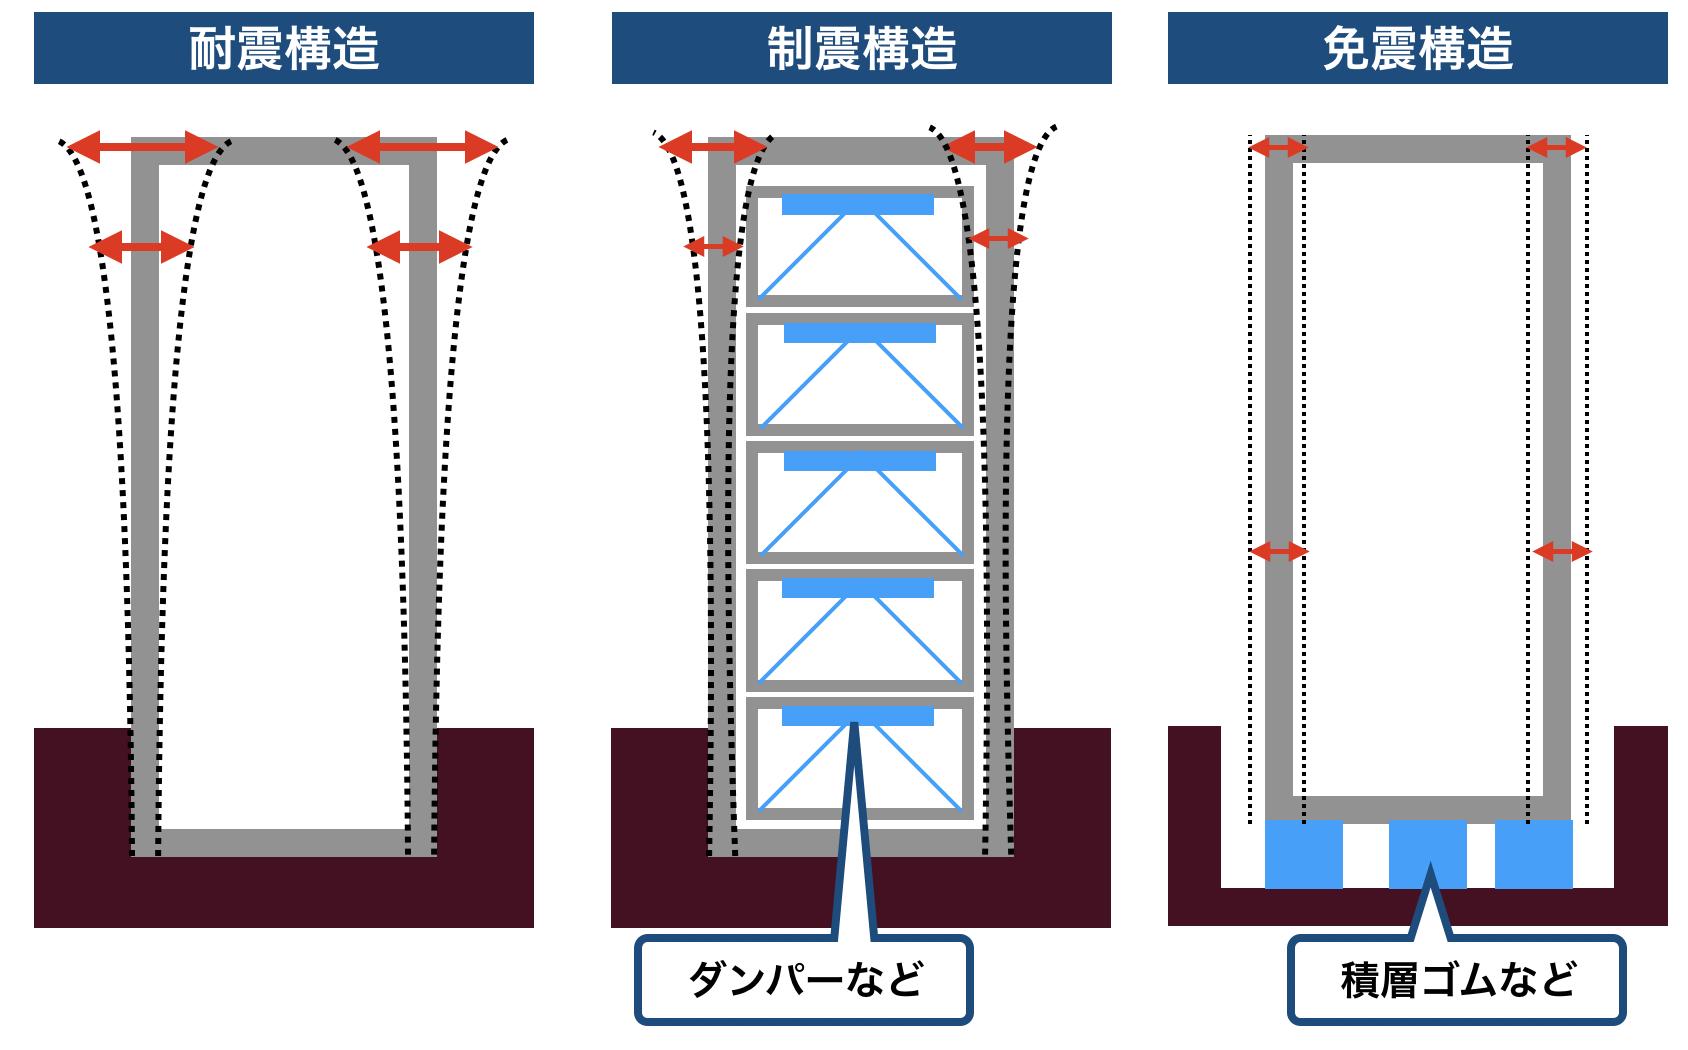 耐震構造の違い